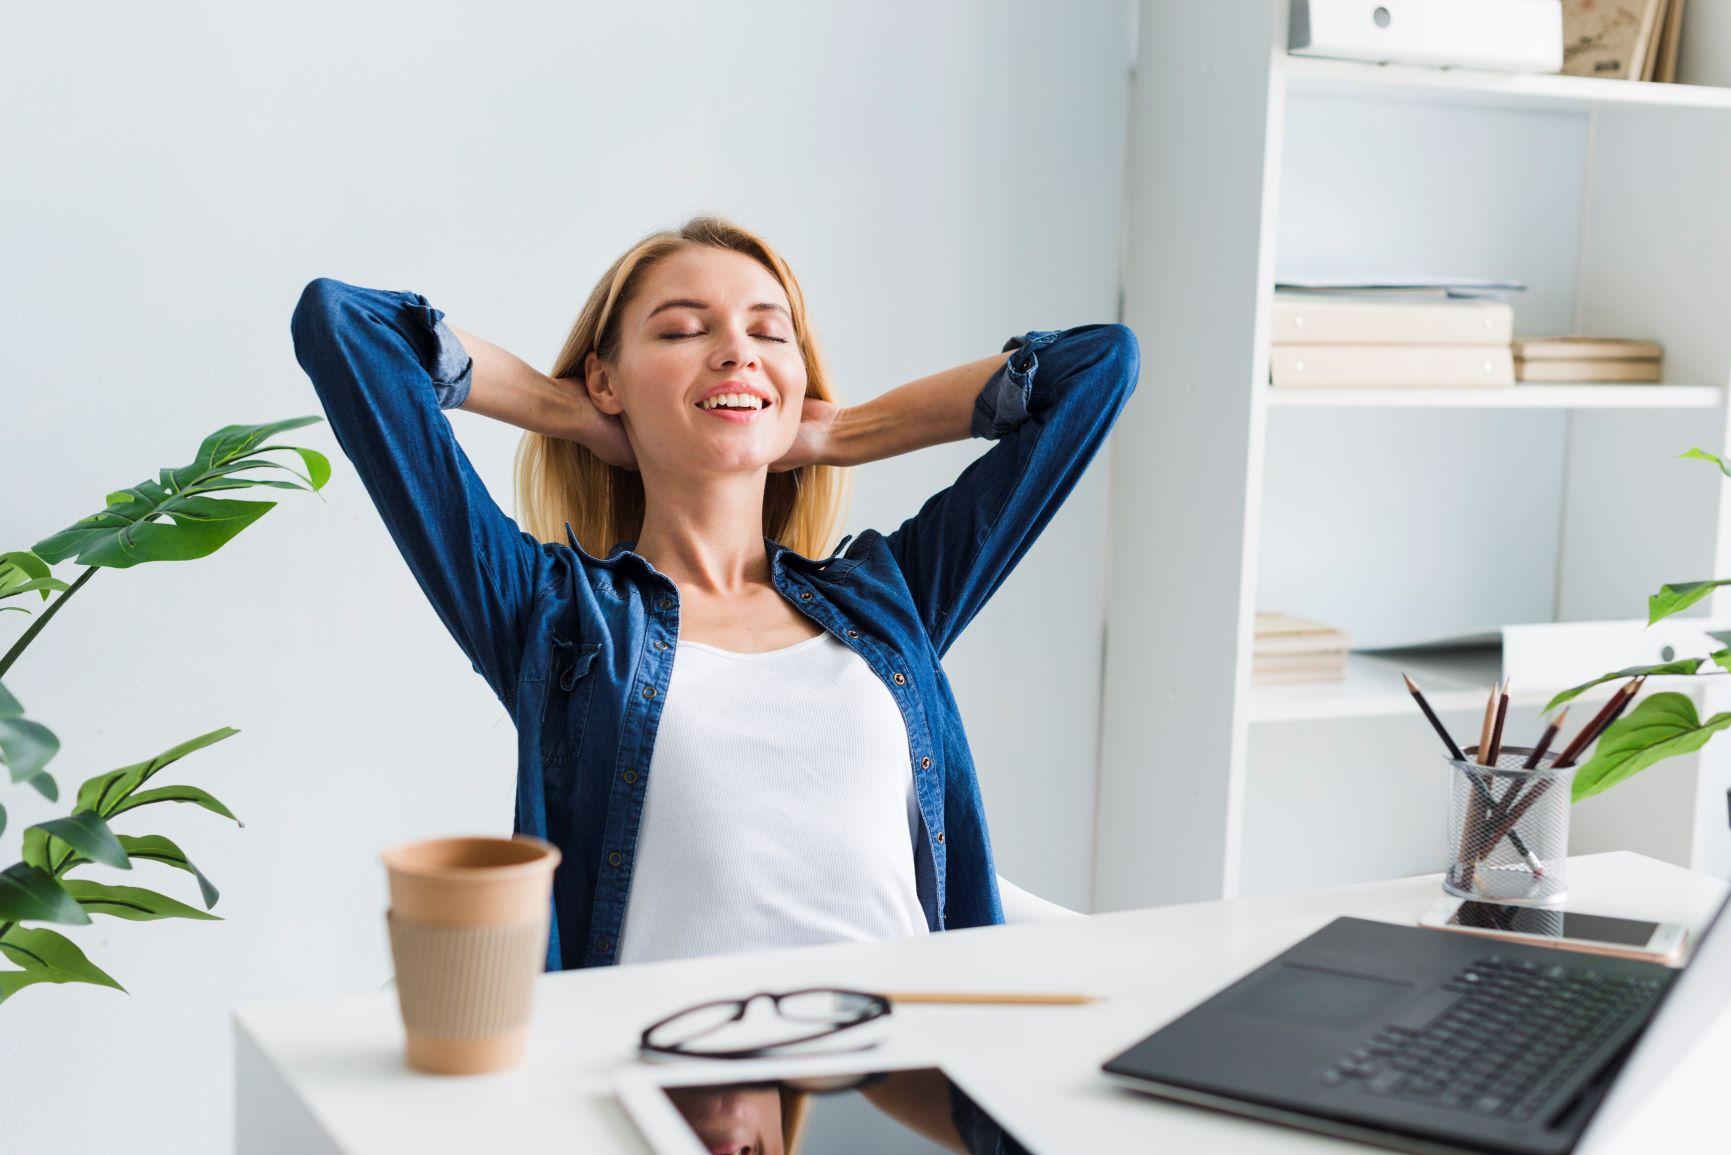 Relaxace se dá provádět i o přestávce v práci